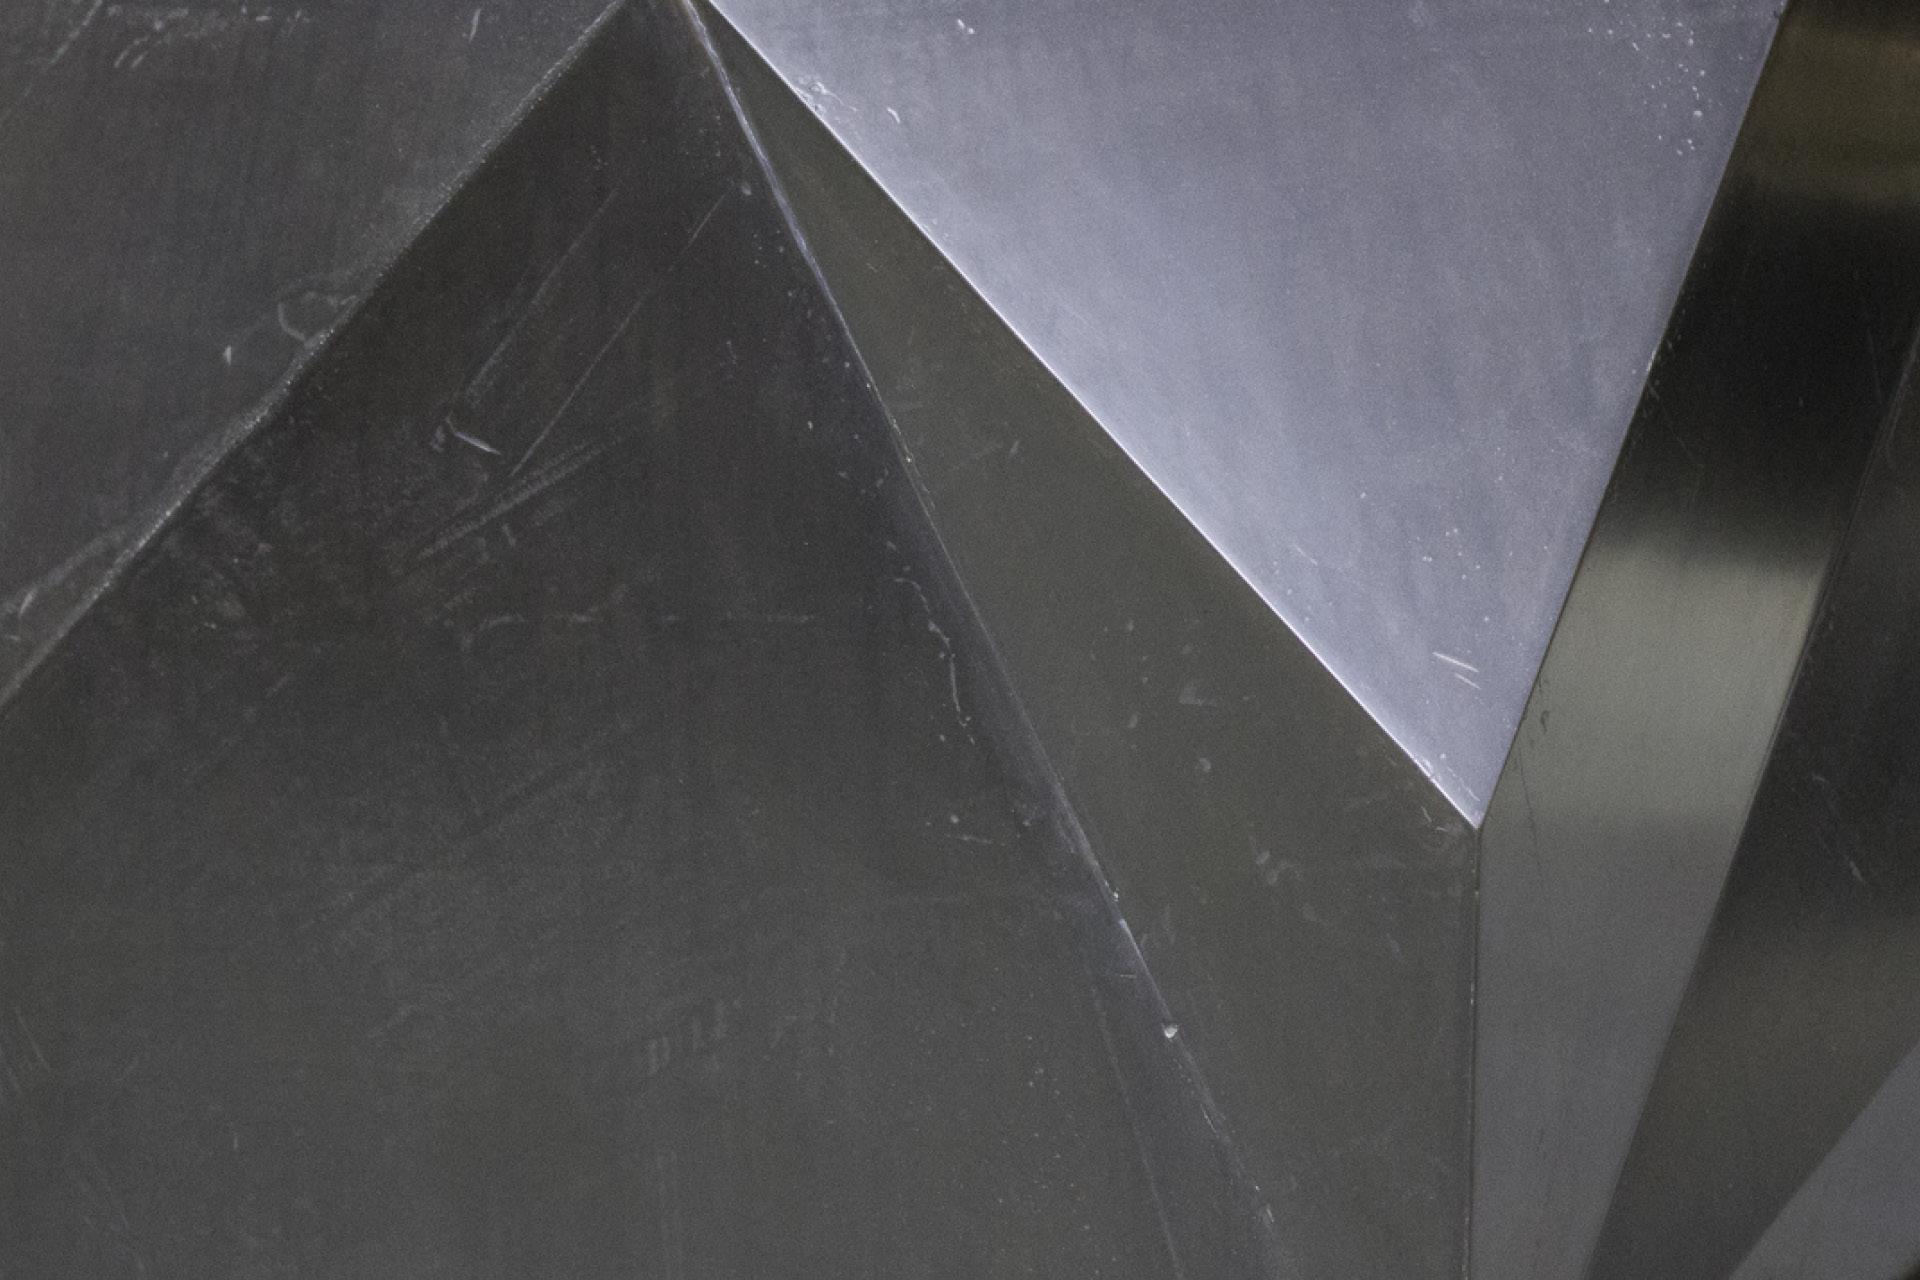 tischlerei-decker-meistertischlerei-oesterreich-couchtisch-metalloberflaeche